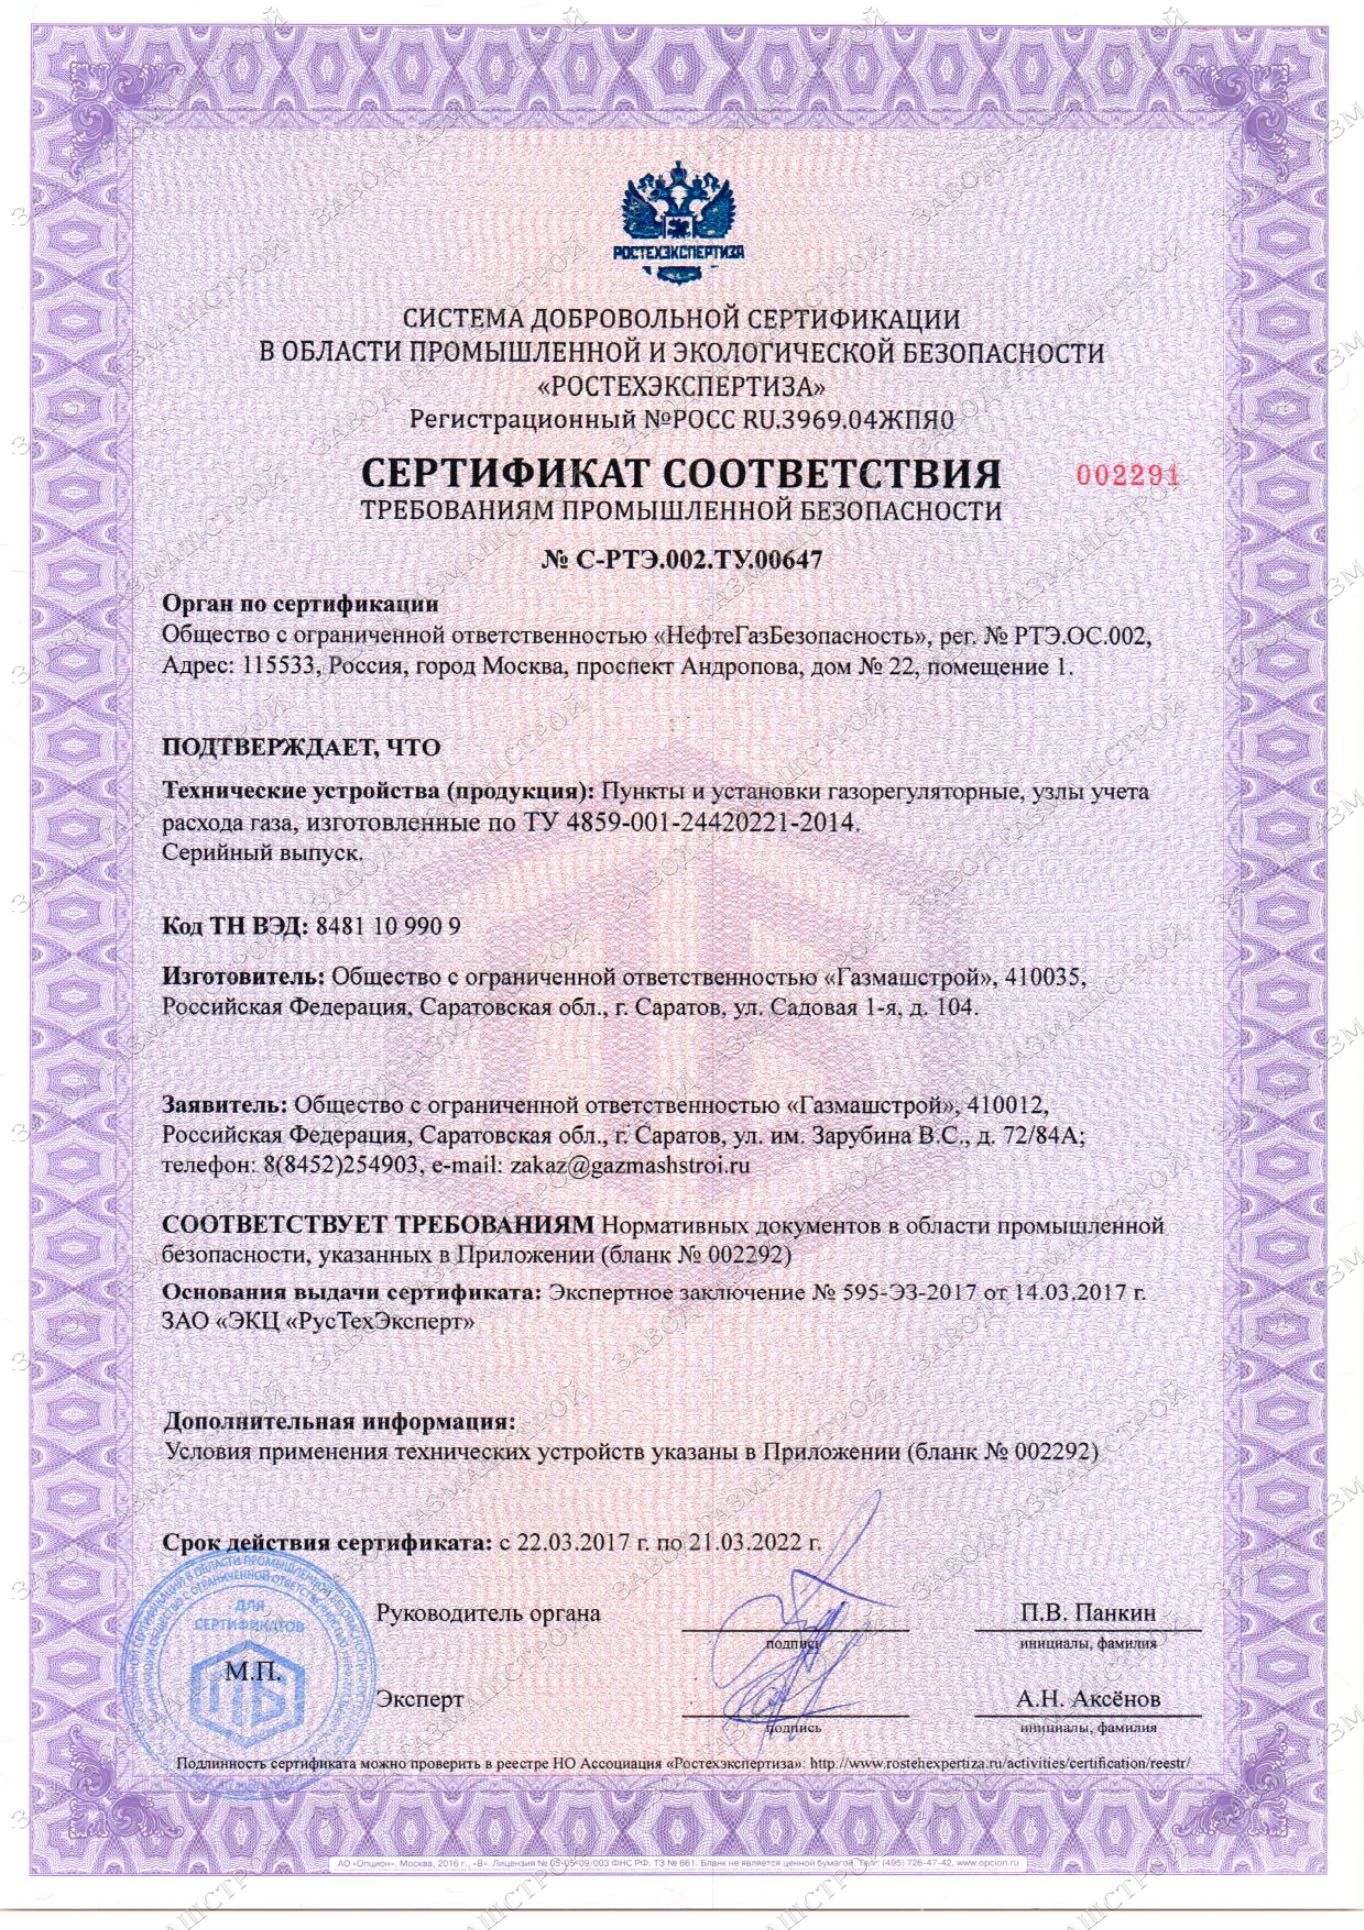 сертификат соответствия грпш 400 01